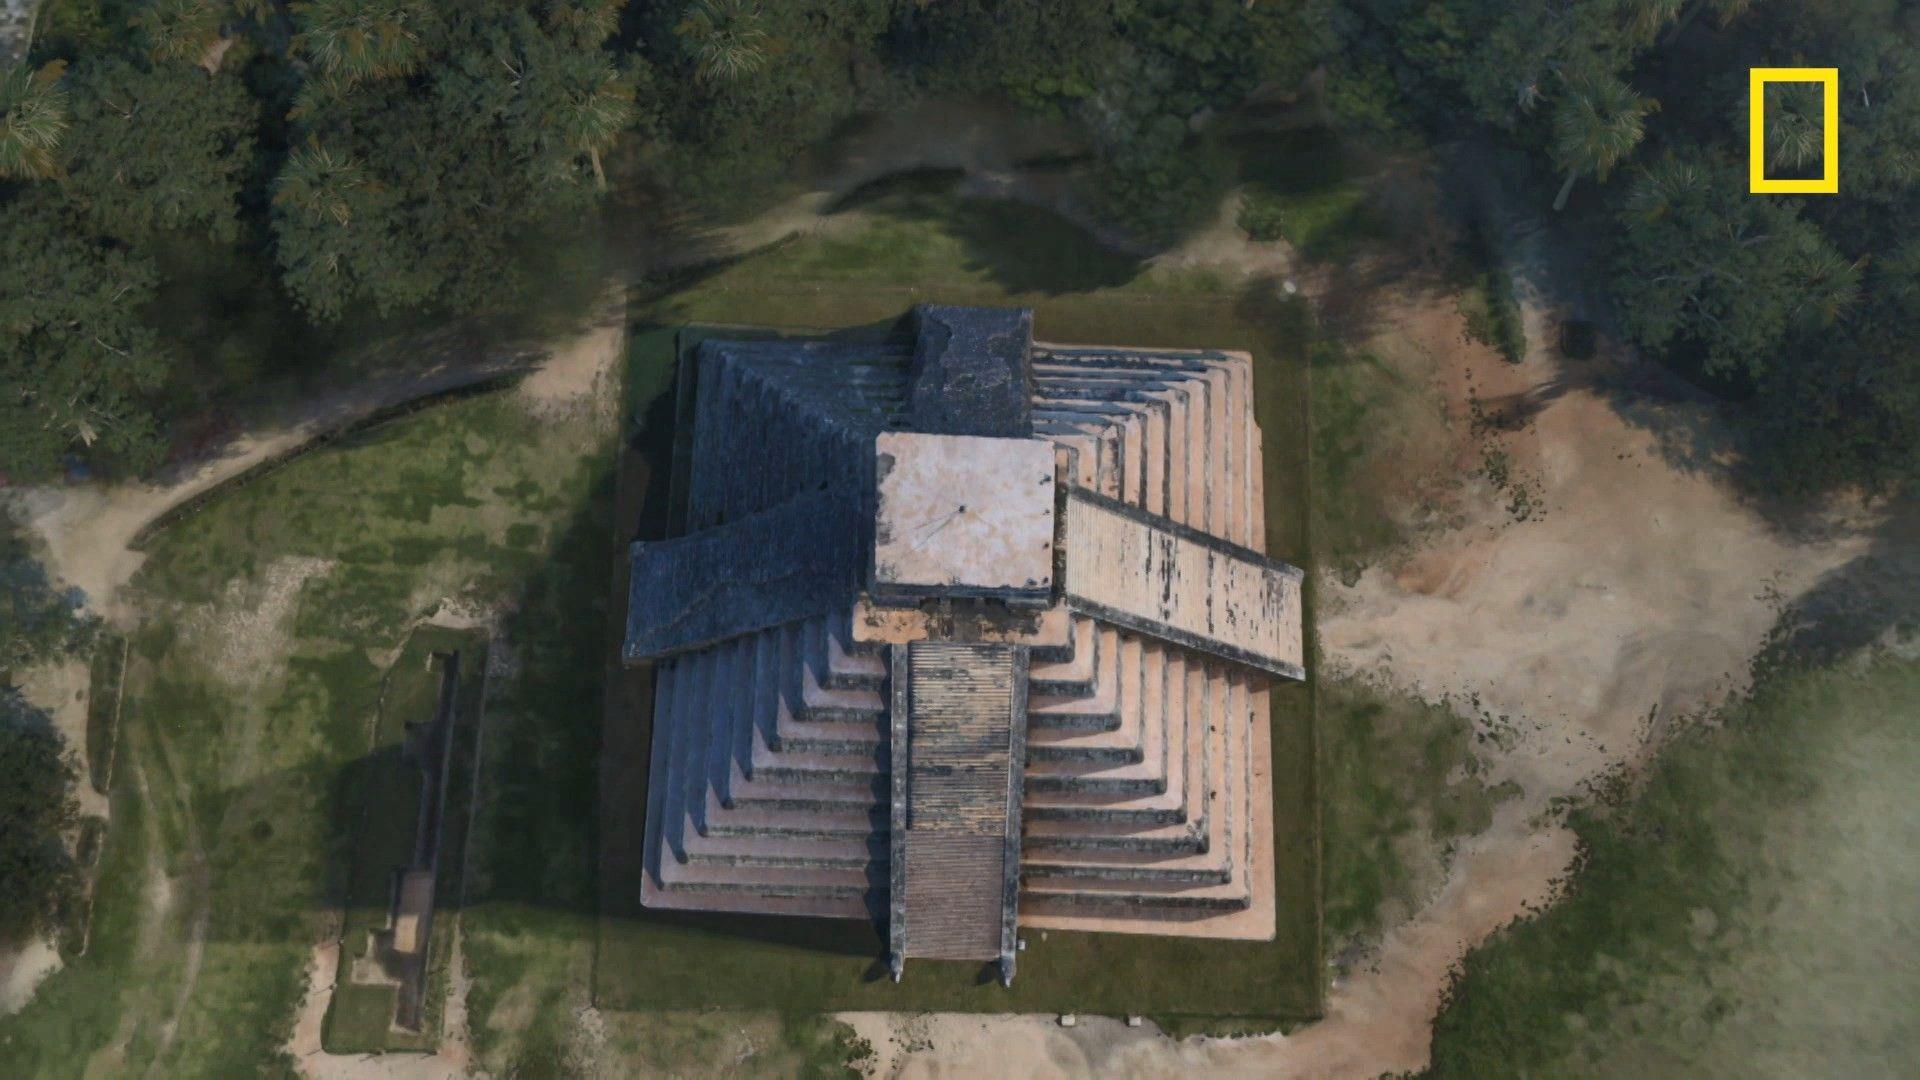 El Castillo, une pyramide excentrée au rôle sacré pour les Mayas | National Geographic